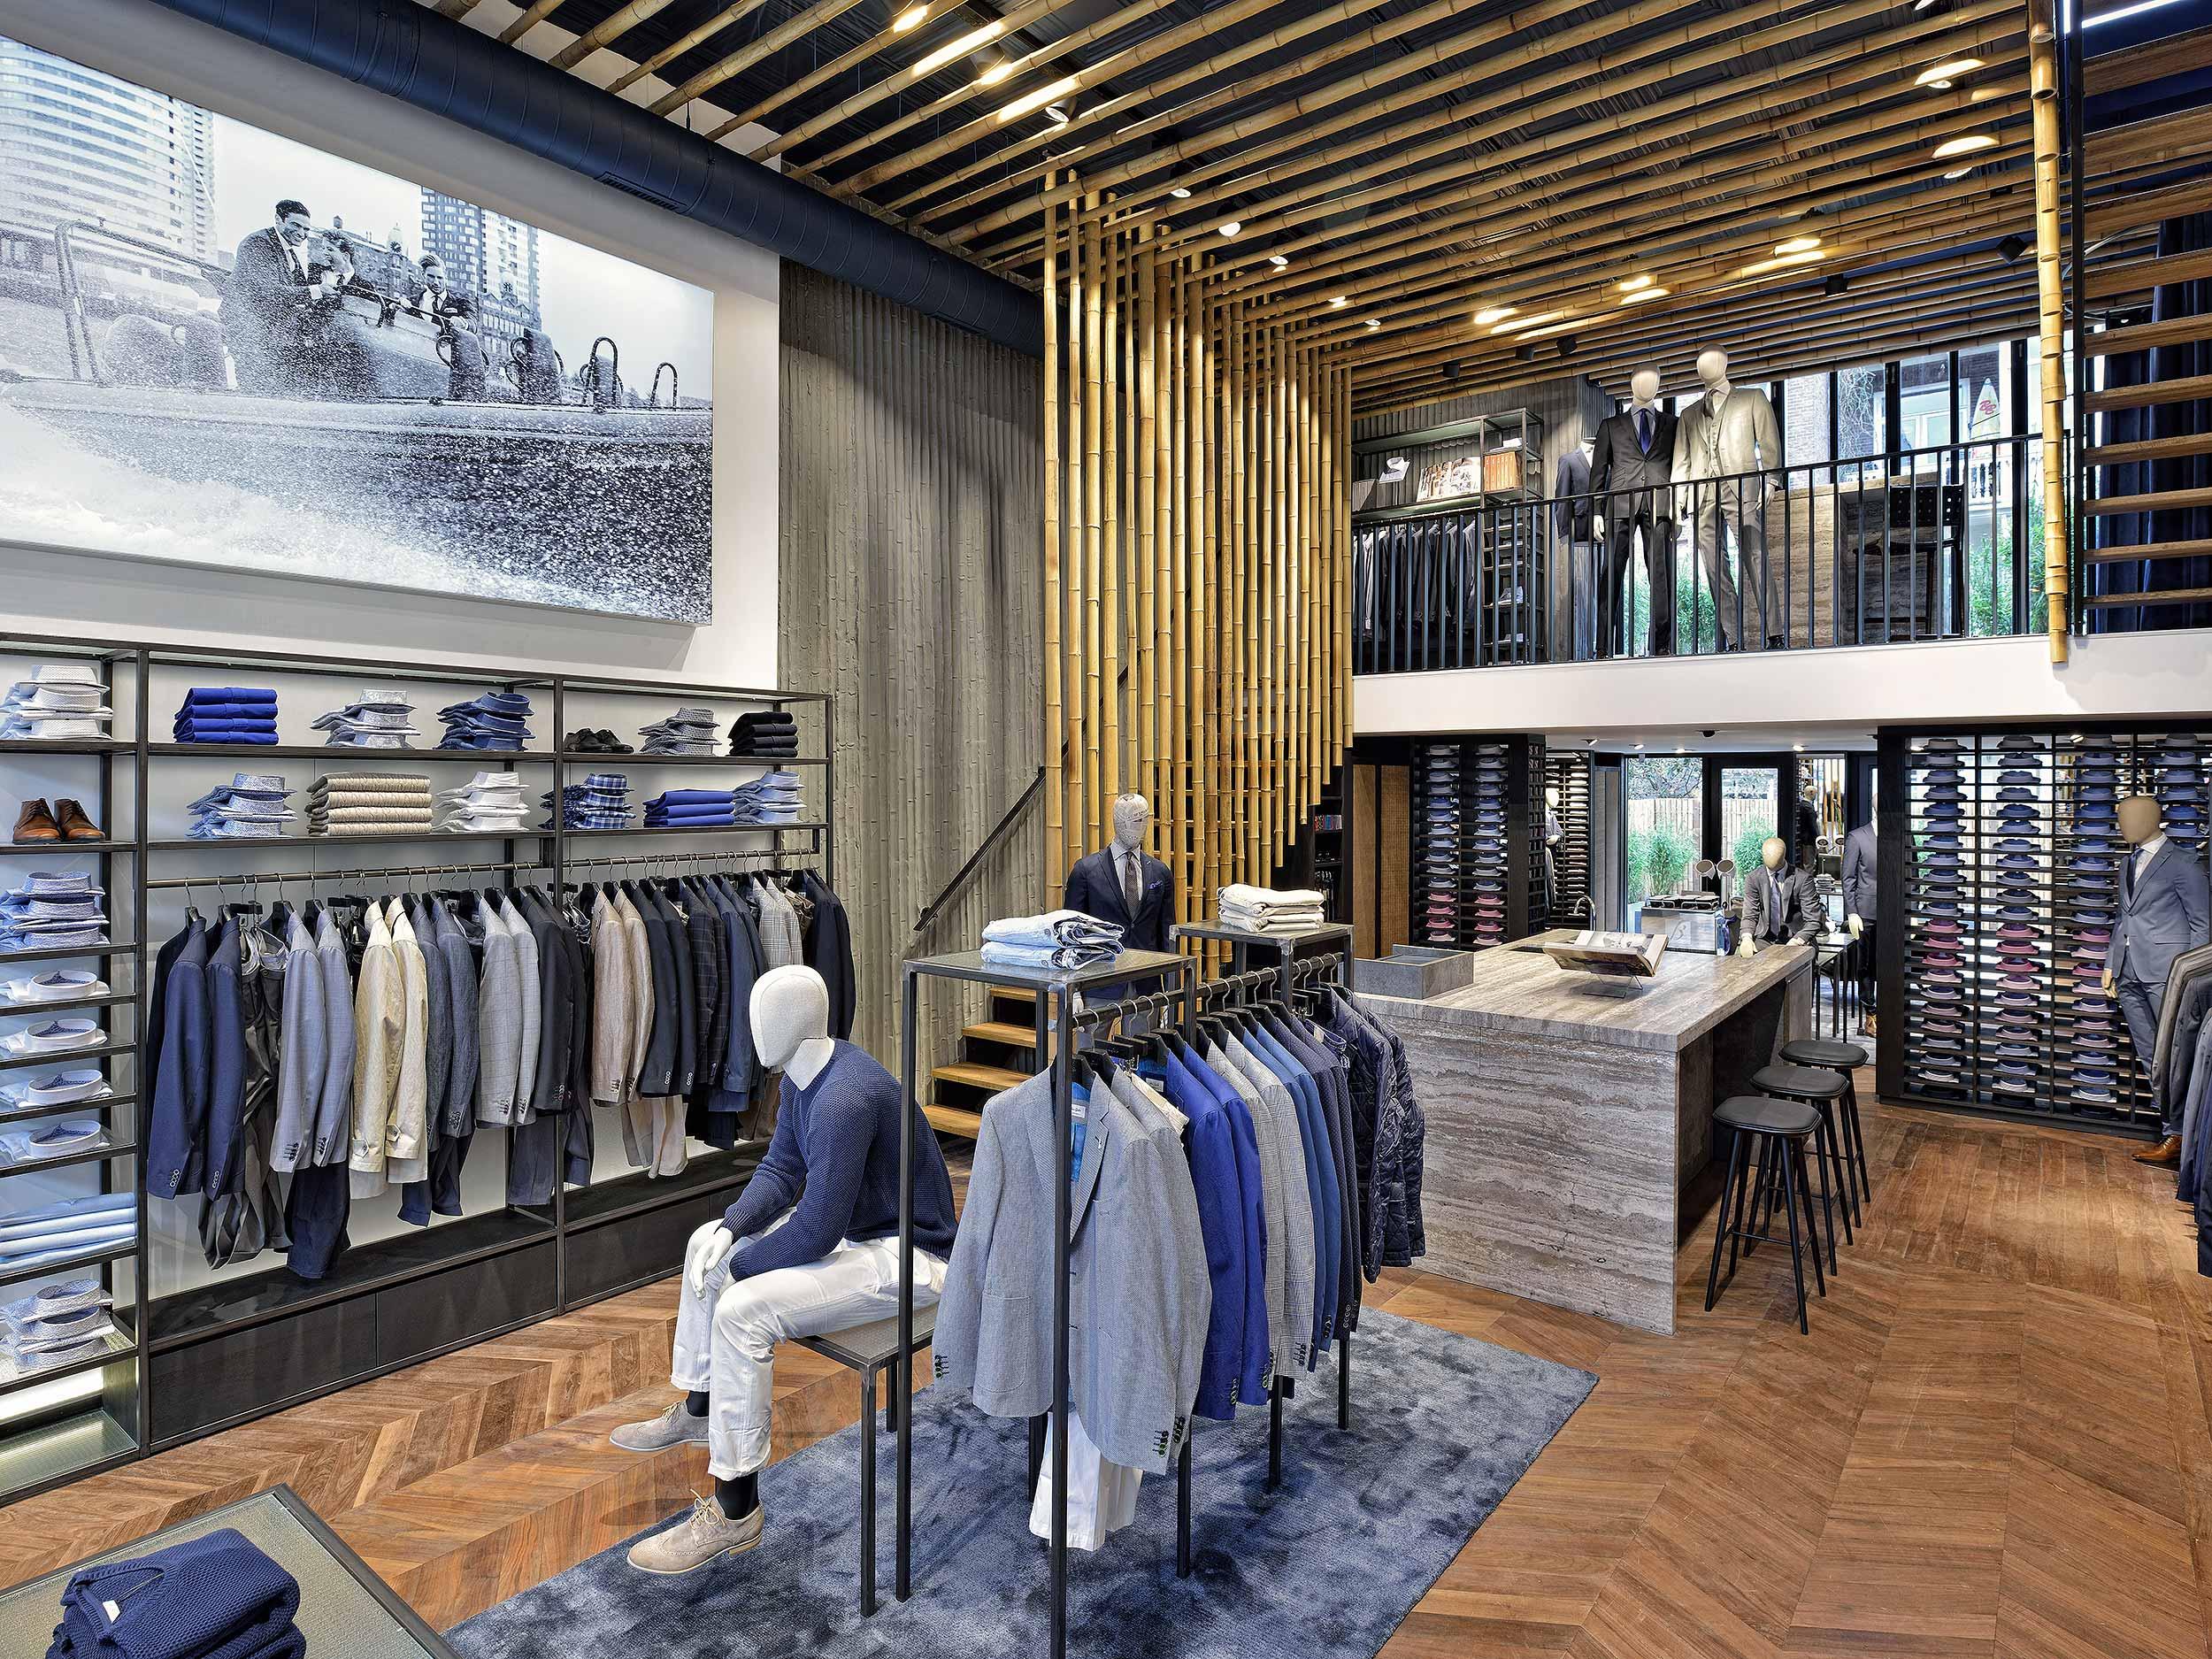 Interieurfotograaf Amsterdam - Chiel de Nooyer, Interieur Van Gils winkel Baerlestraat